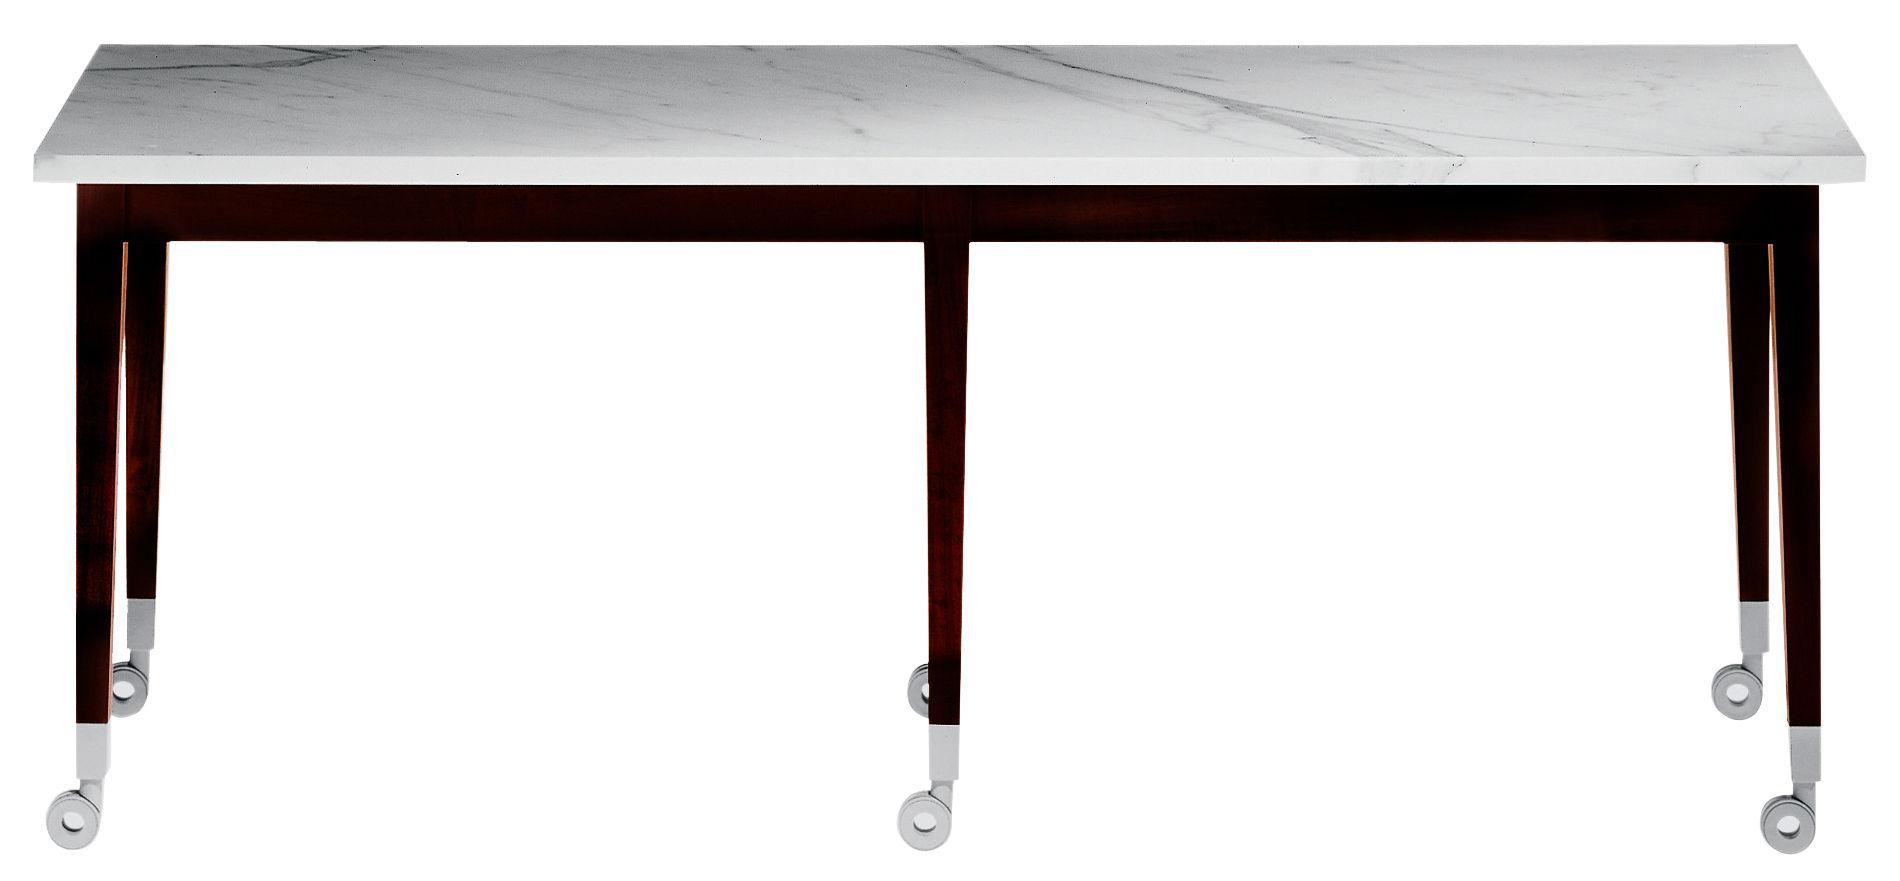 Table Basse Neoz Rectangulaire Eb Ne Marbre Driade